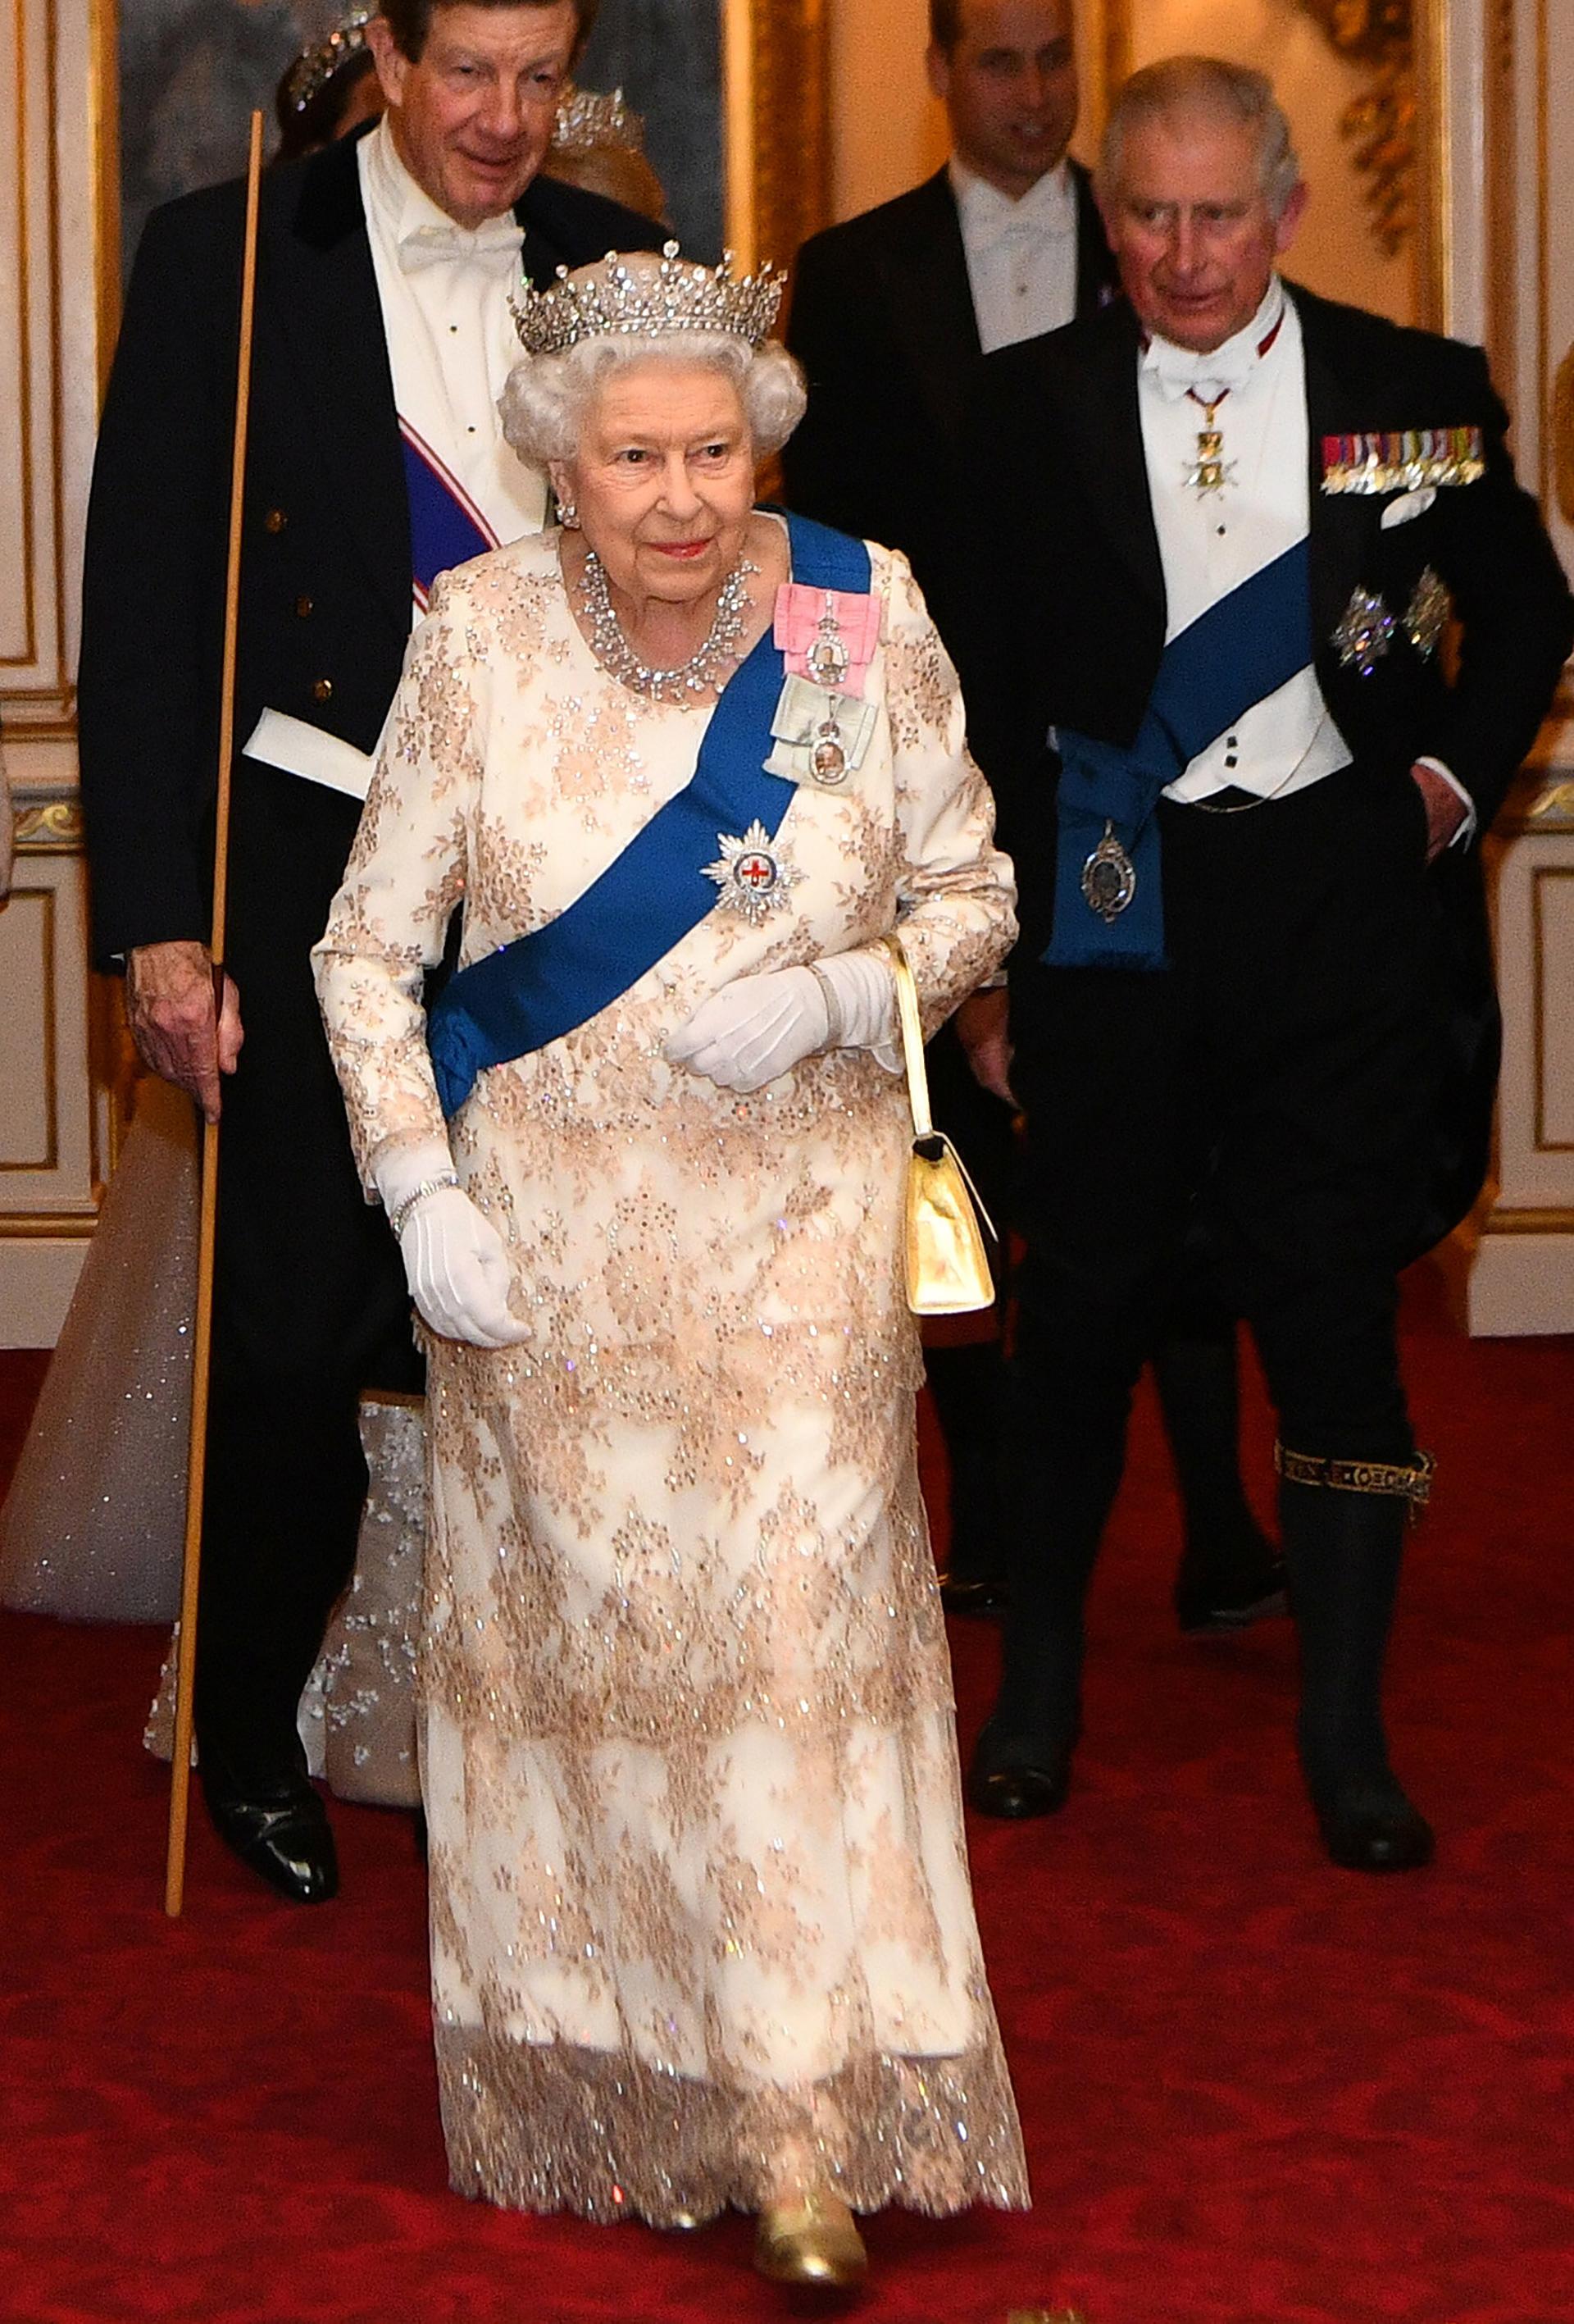 La reina Isabel, acompañada por su hijo, el príncipe Carlos, a su llegada al gran evento diplomático que se llevó a cabo en el Palacio de Buckingham, en Londres